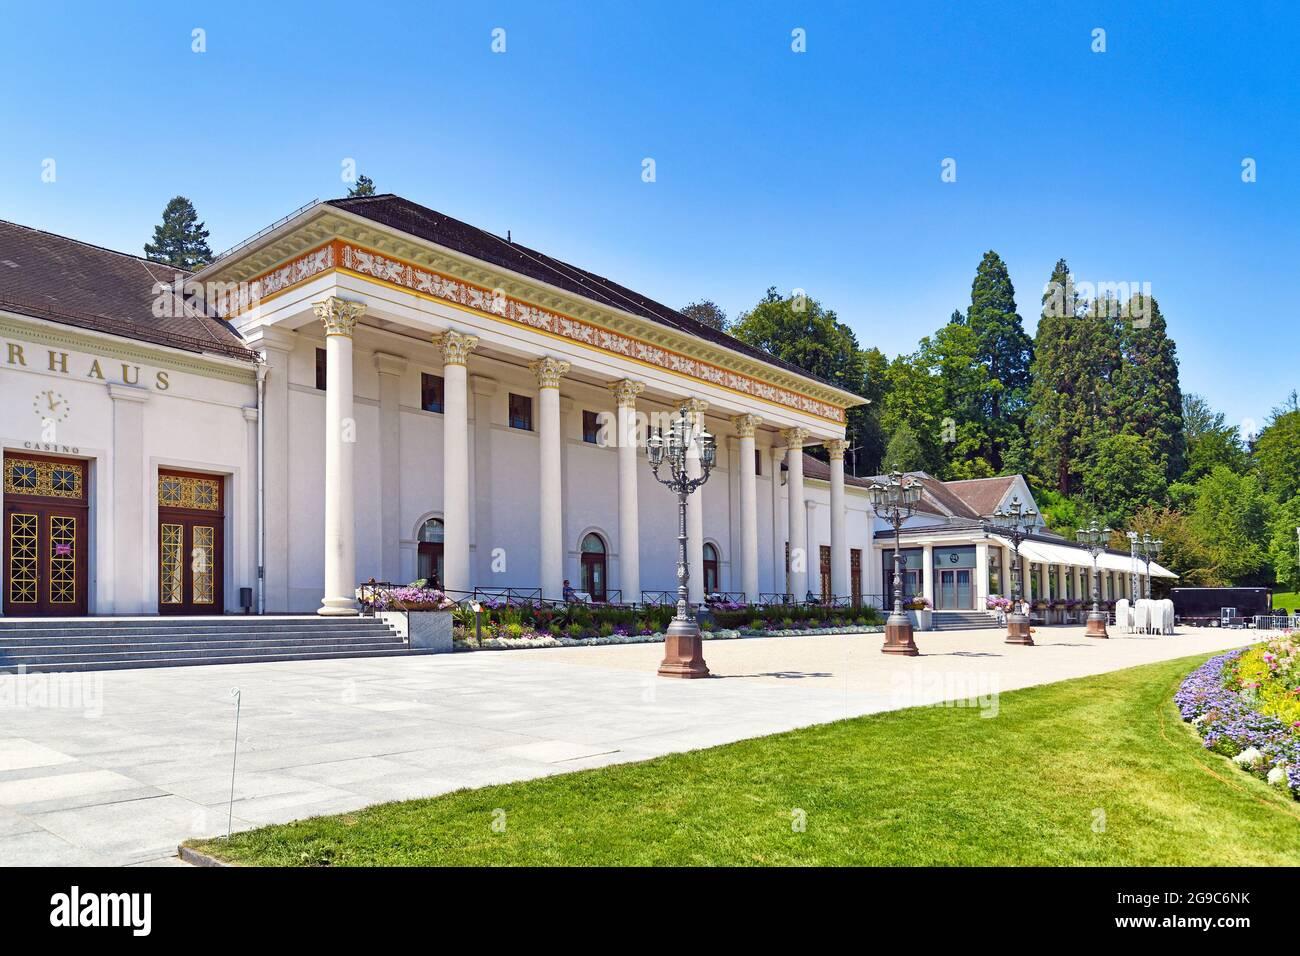 Baden-Baden, Alemania - 2021 de julio: Balneario, casino, y complejo de conferencias llamado 'Kurhaus' en el día de verano Foto de stock